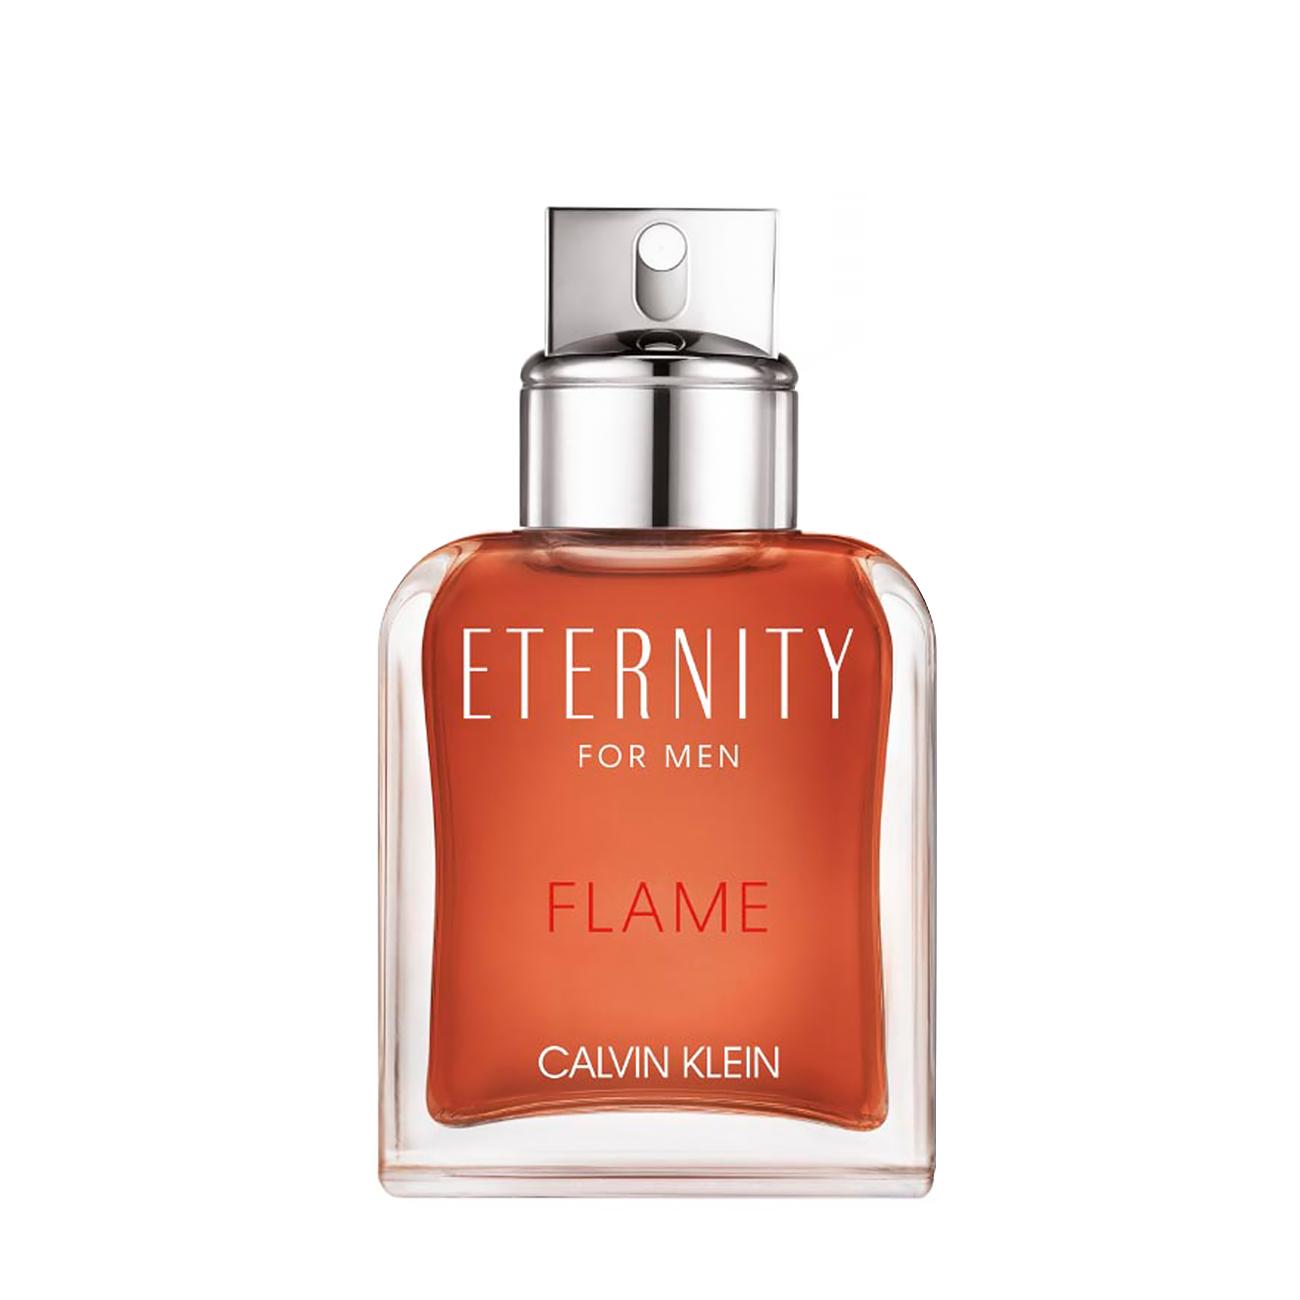 Eternity Flame For Men 100ml Calvin Klein imagine 2021 bestvalue.eu